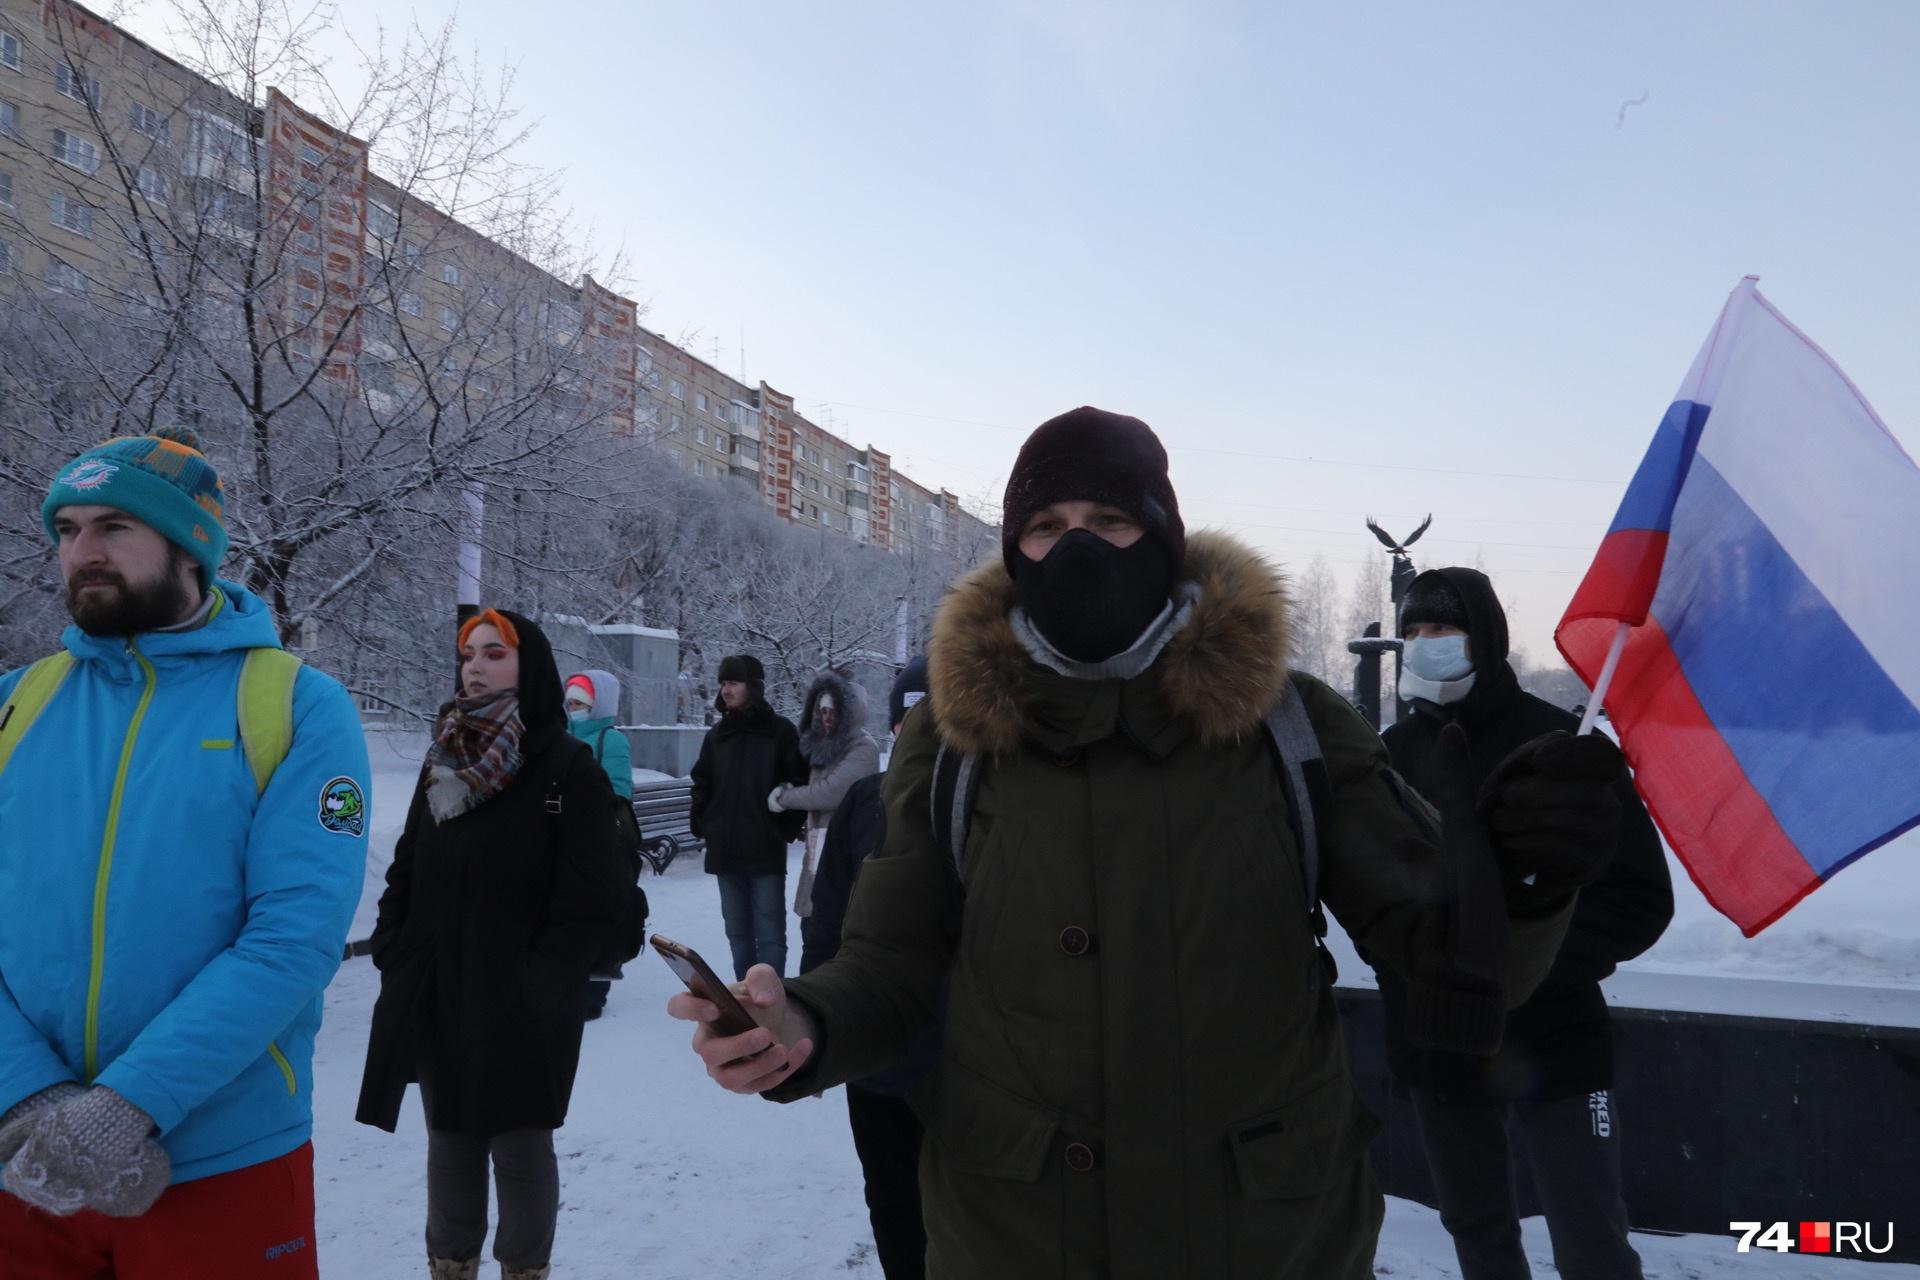 Некоторые активисты пришли на акцию с накинутыми на плечи флагами России